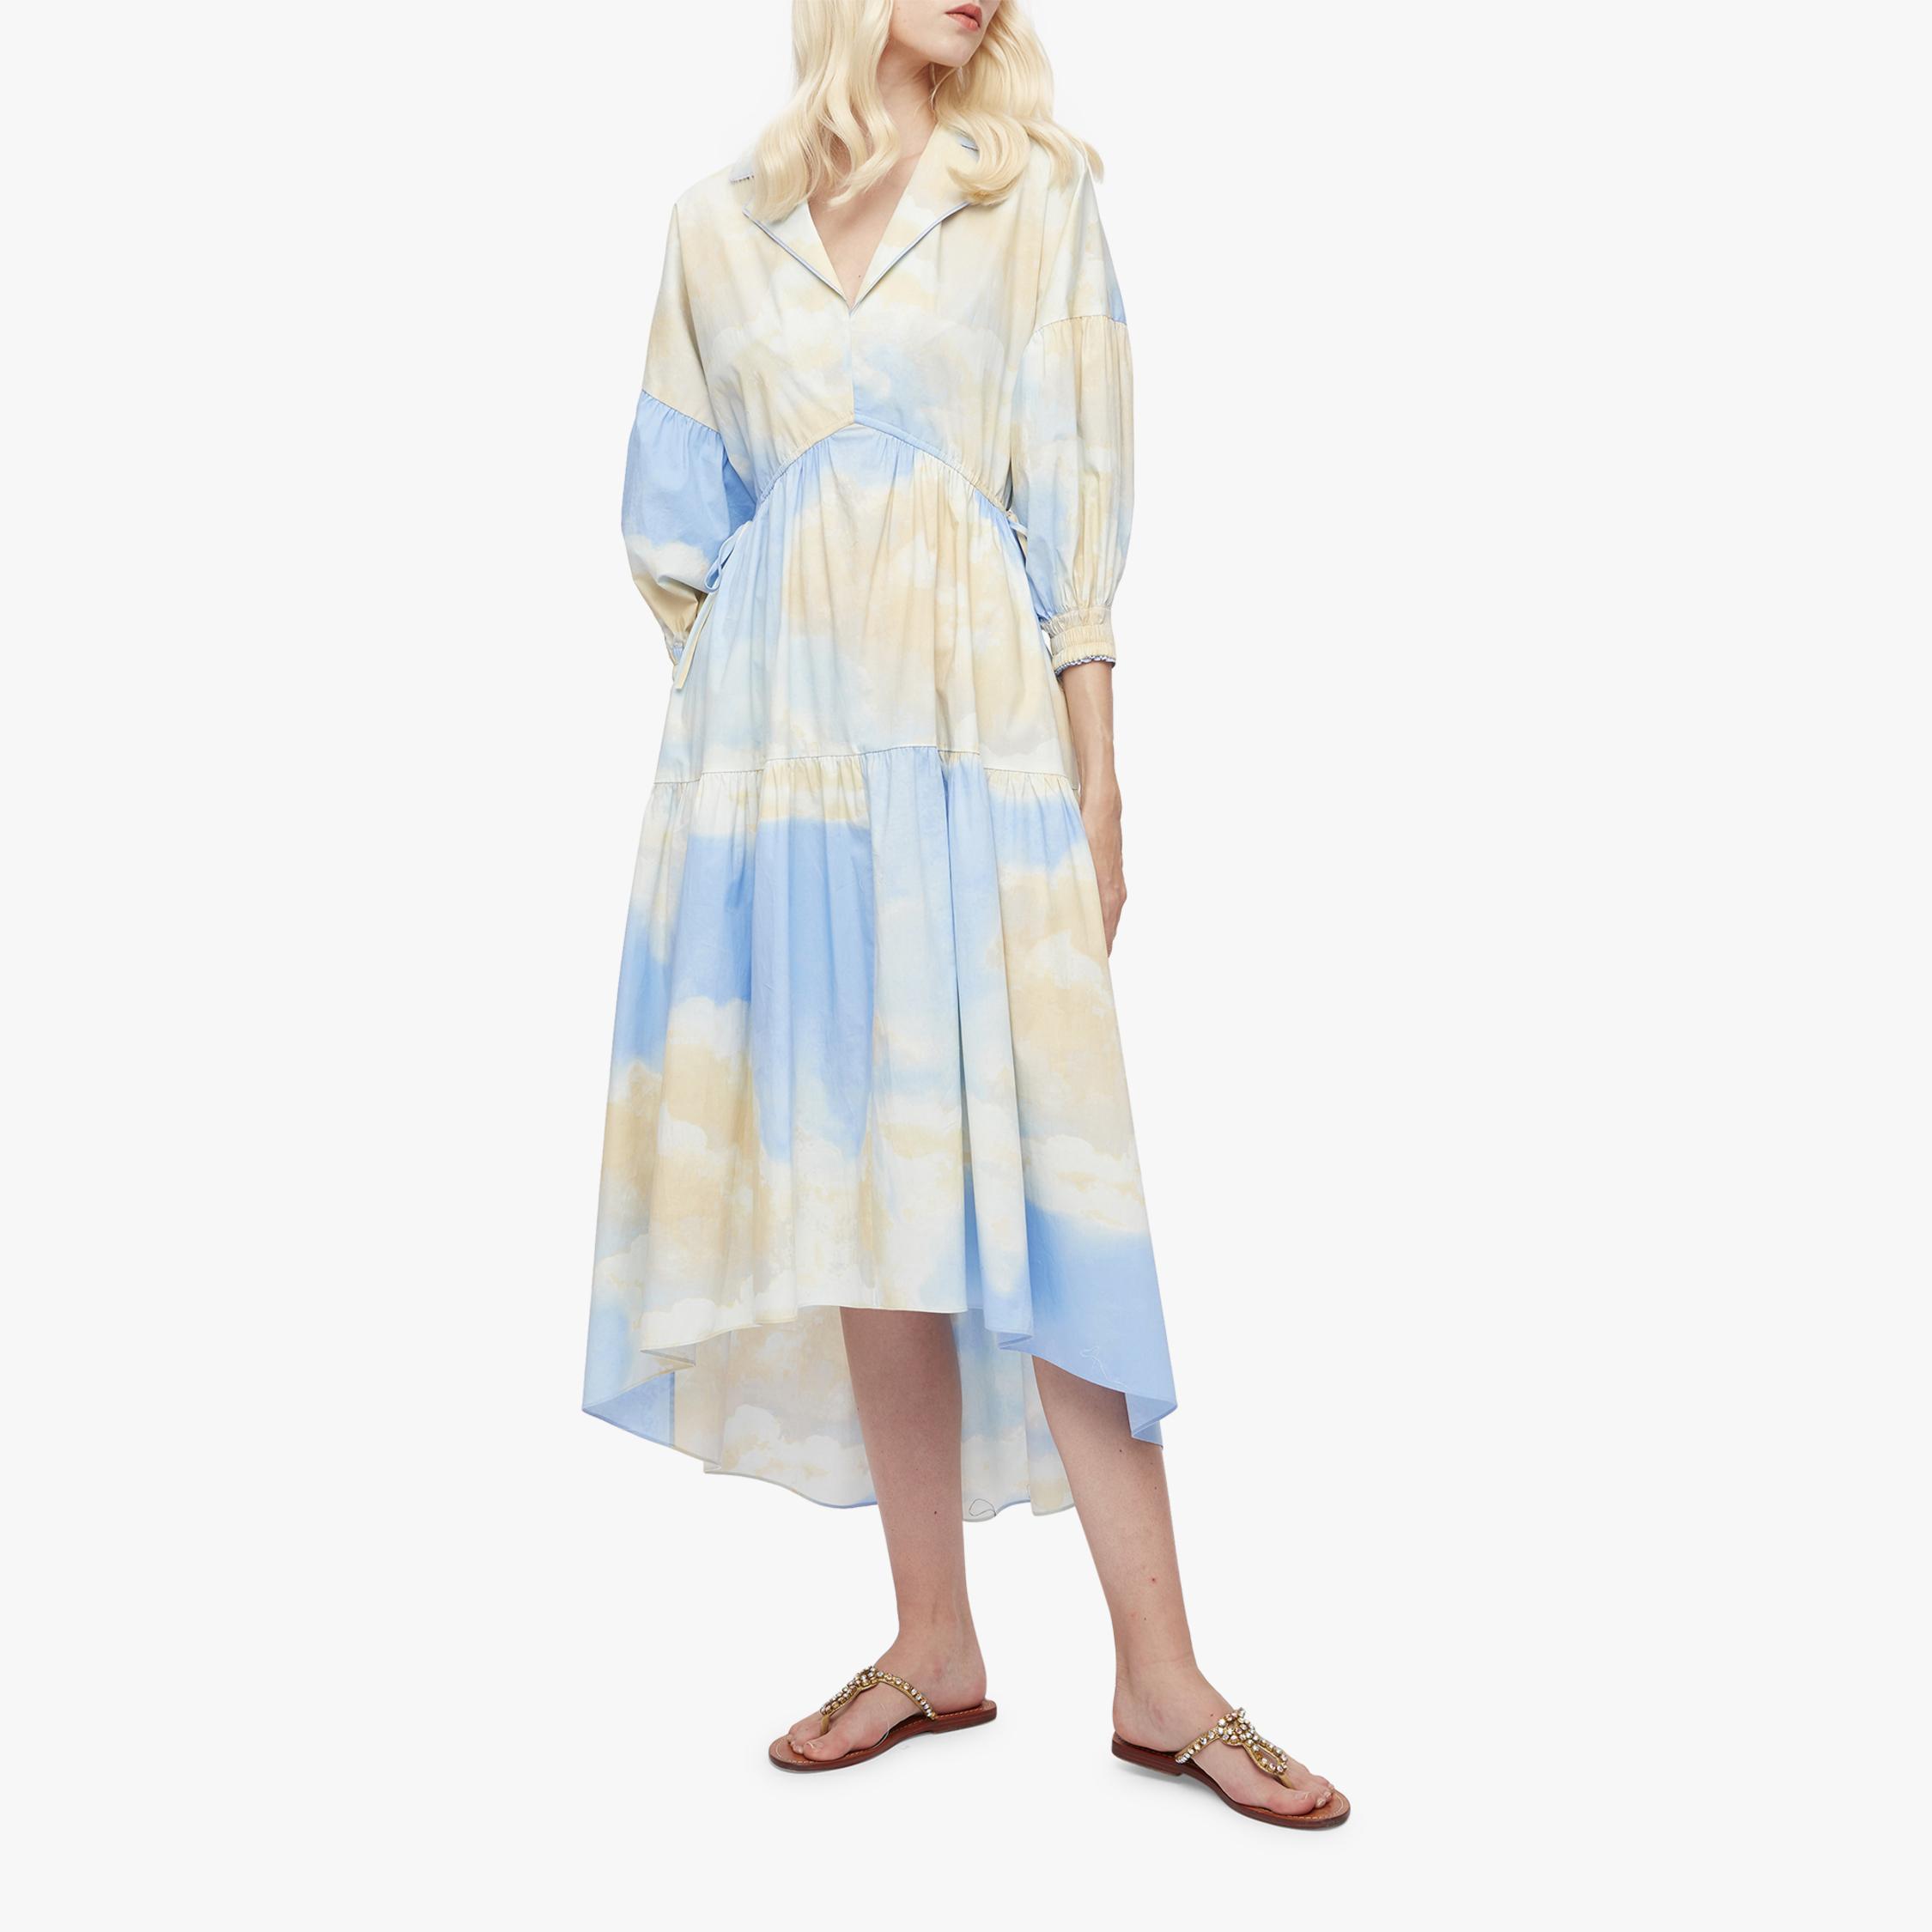 Diane von Furstenberg Heather Dress 1